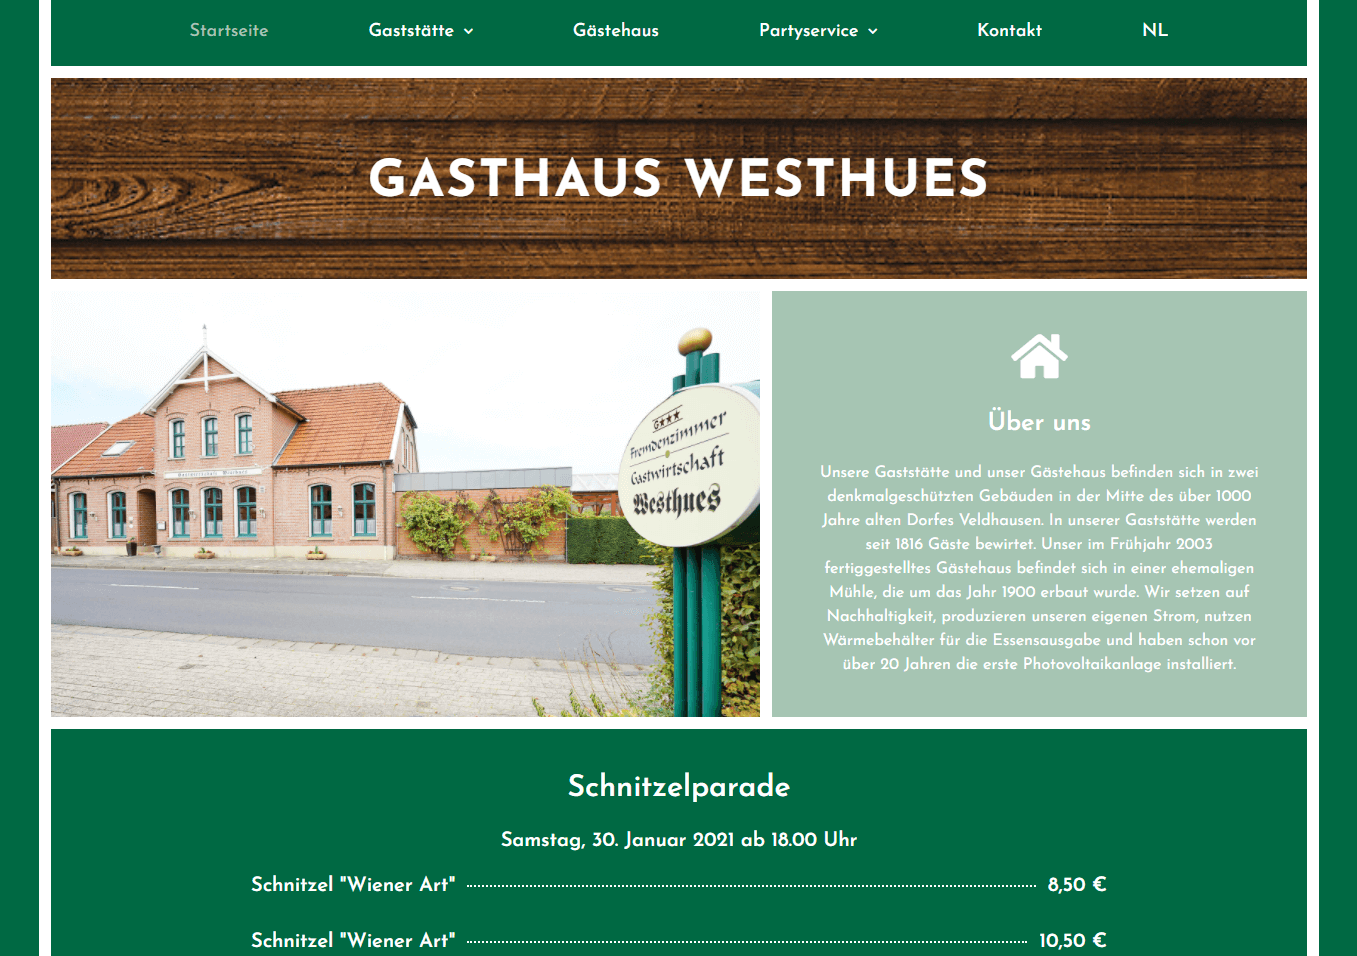 Gaststaette_Westhues